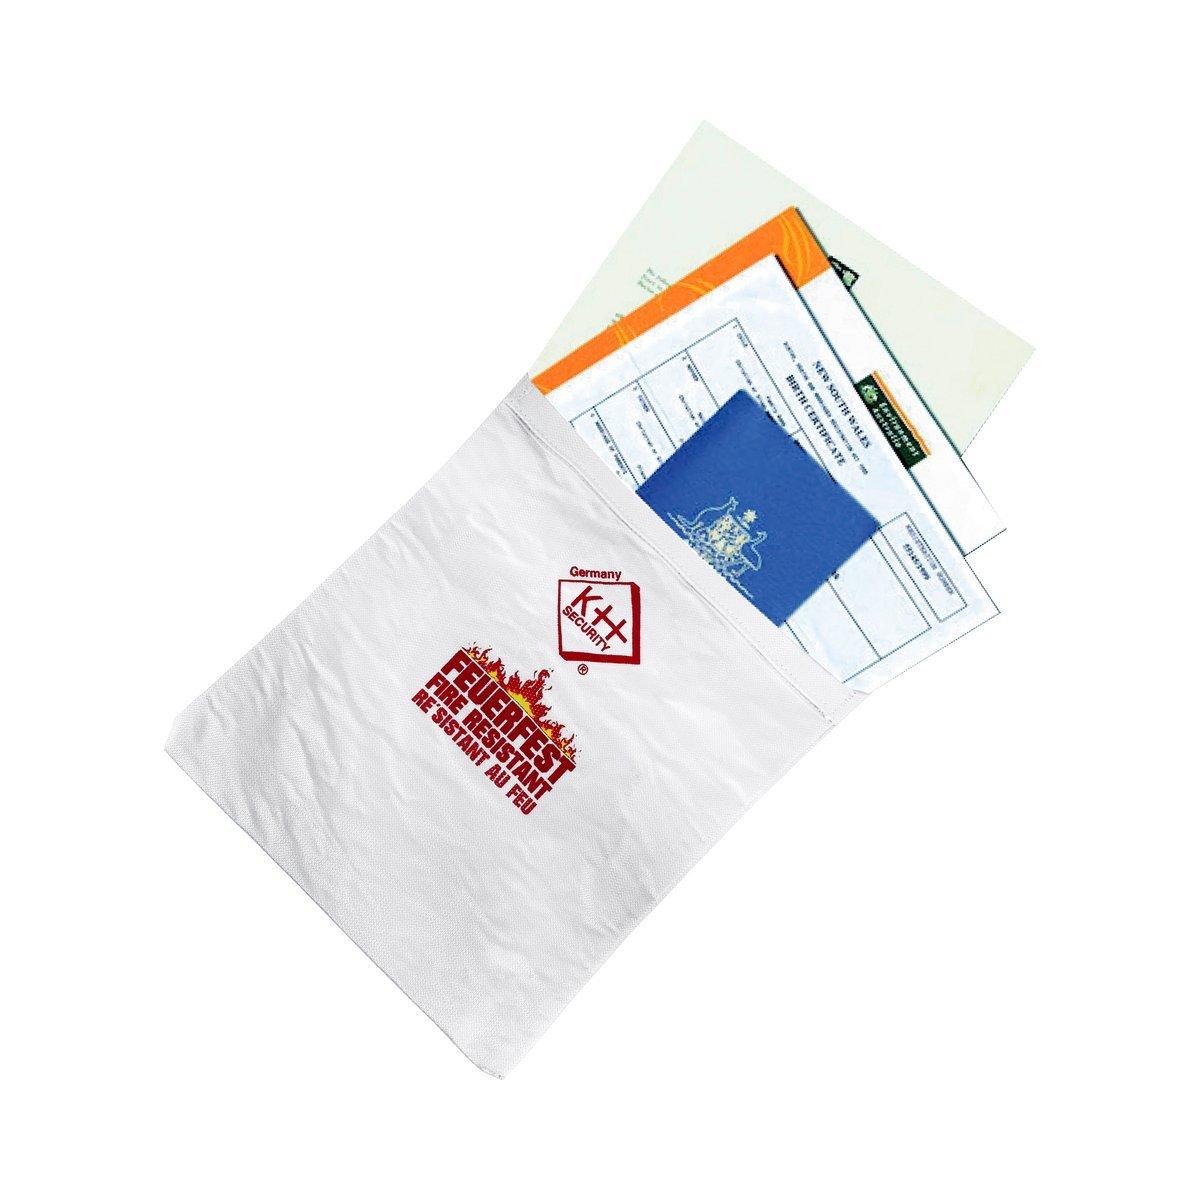 12. kh security Feuerfeste Dokumententasche, weiß, 290148